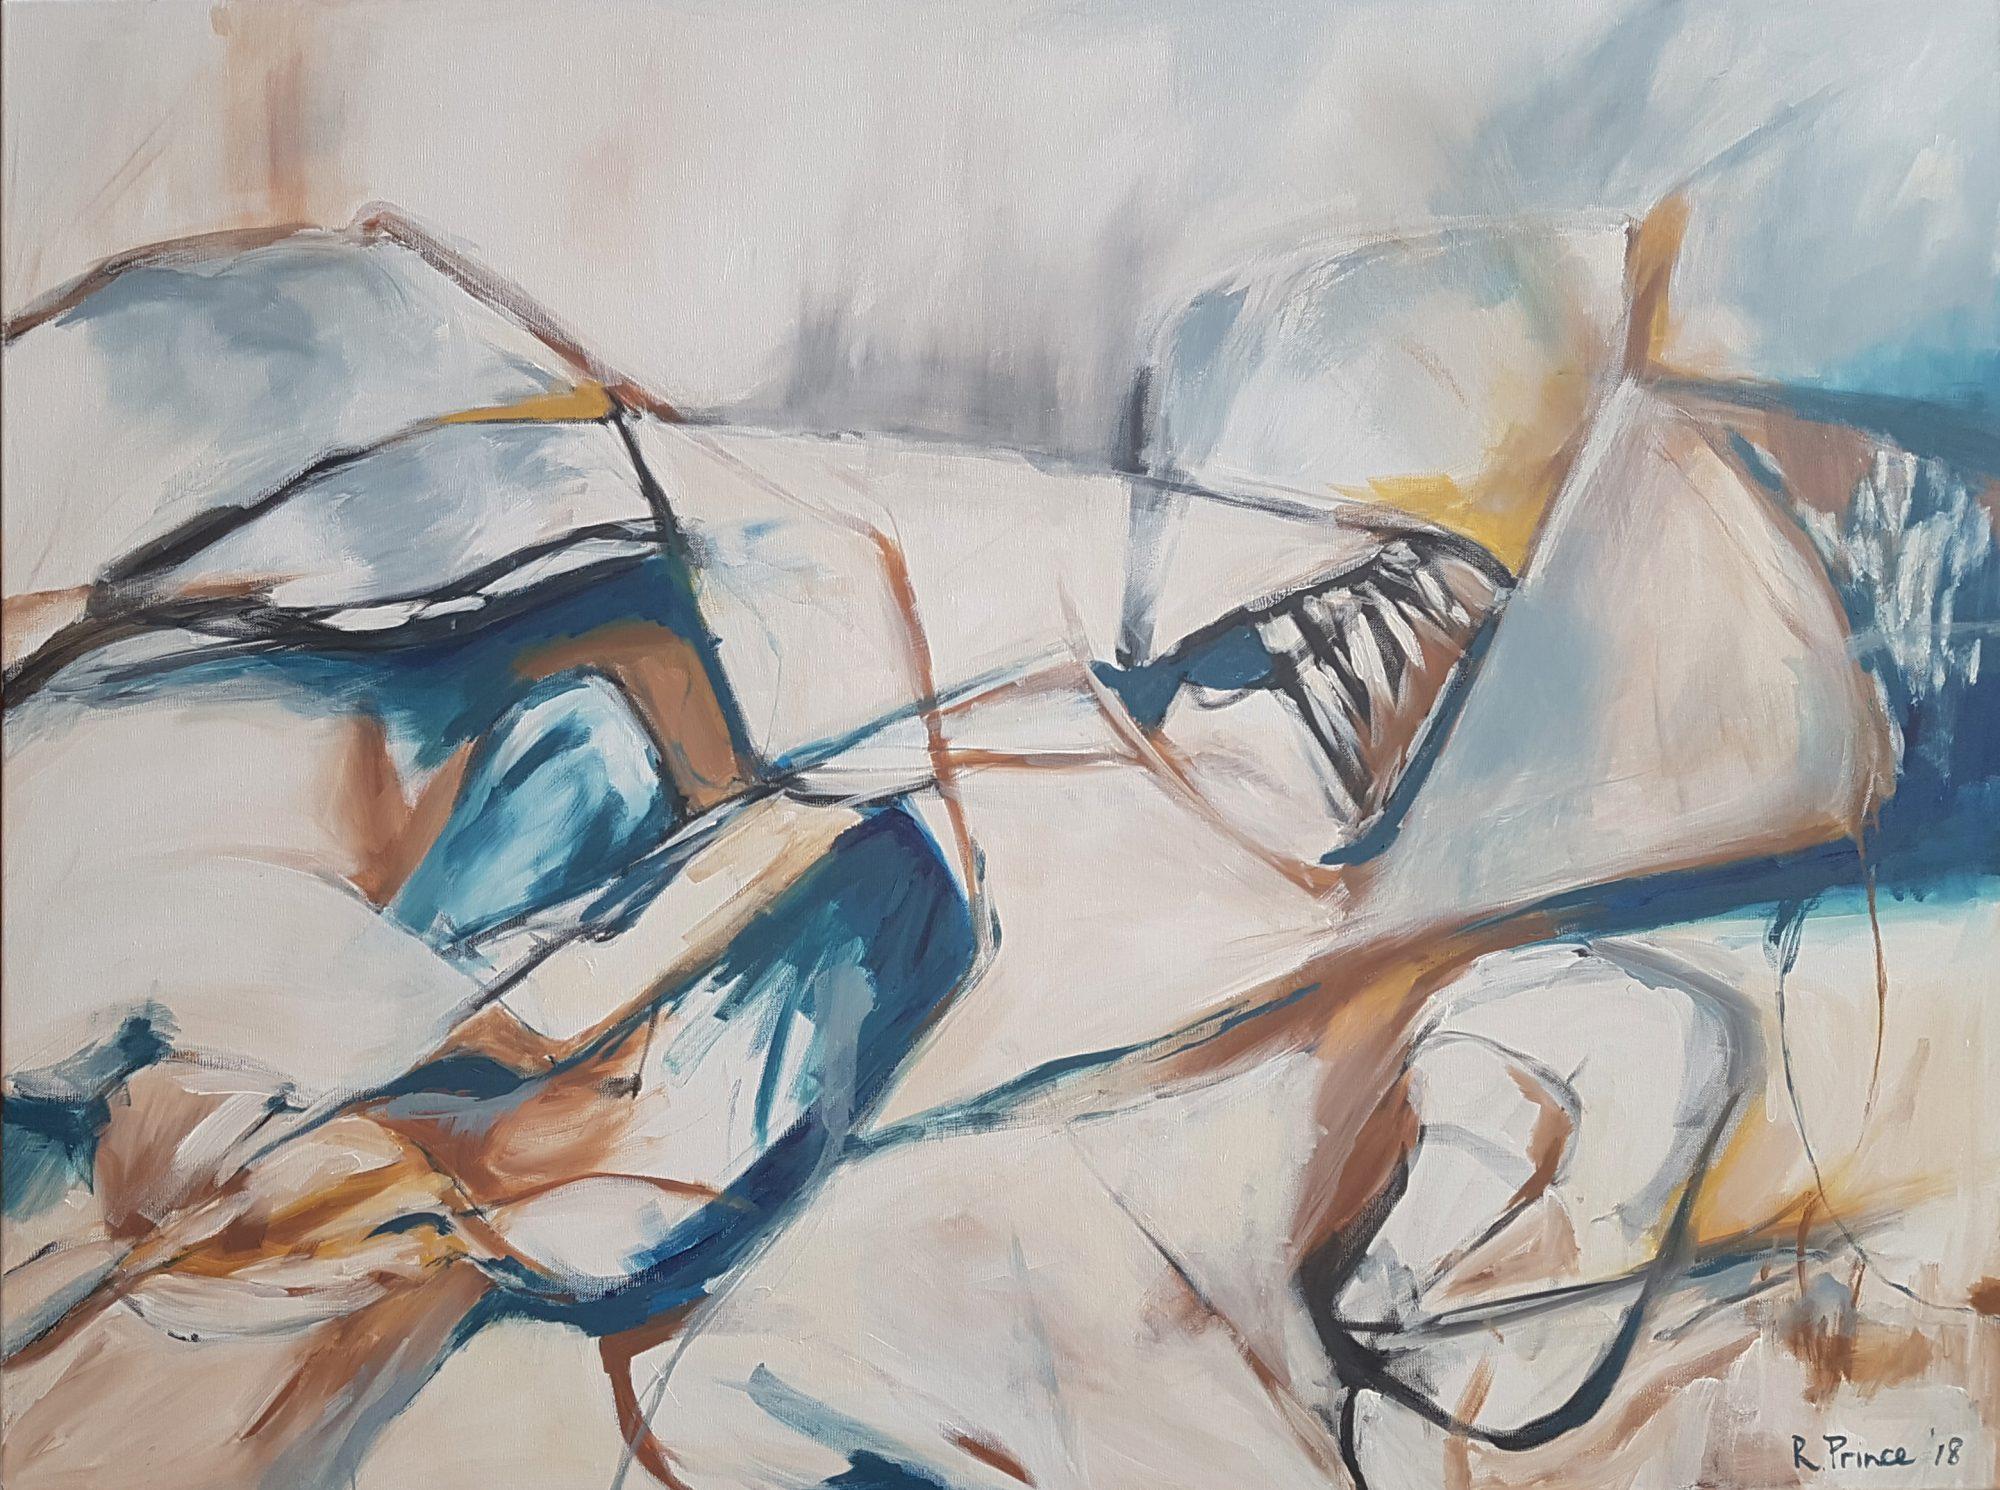 Rachel Prince Cliff's Edge 2018 122cmx92cm $1850 Oak Shadow Frame